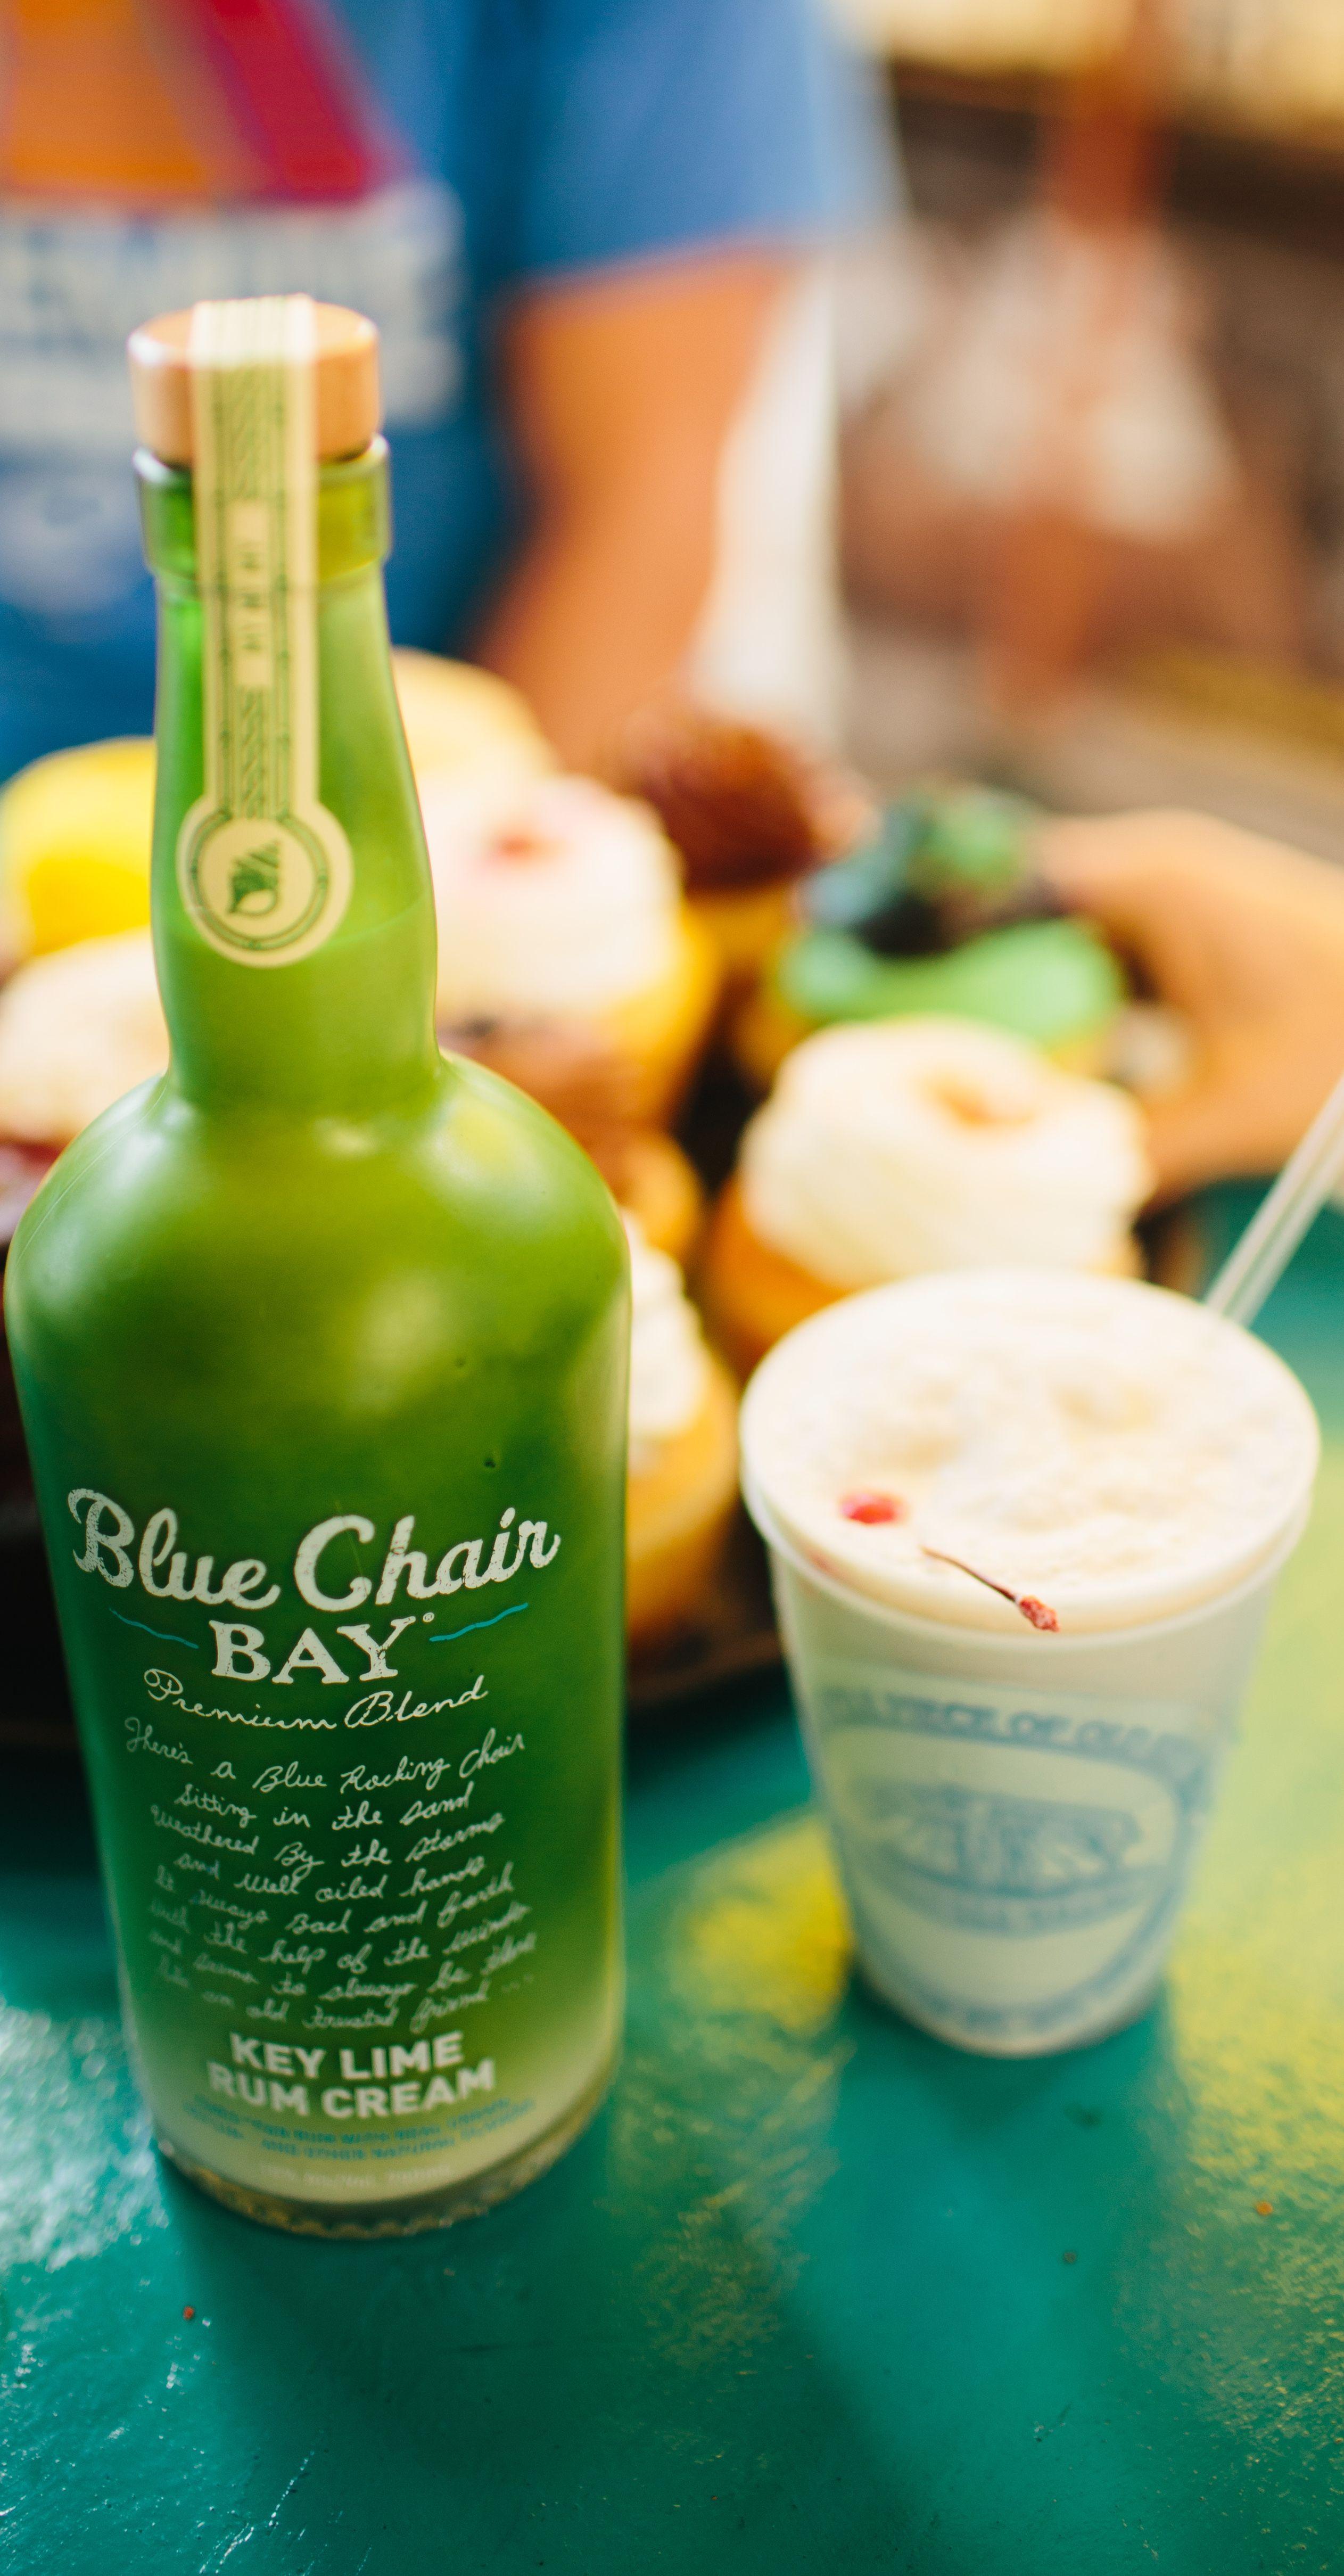 KEY LIME COLADA 1 oz Blue Chair Bay Key Lime Rum Cream 5 oz